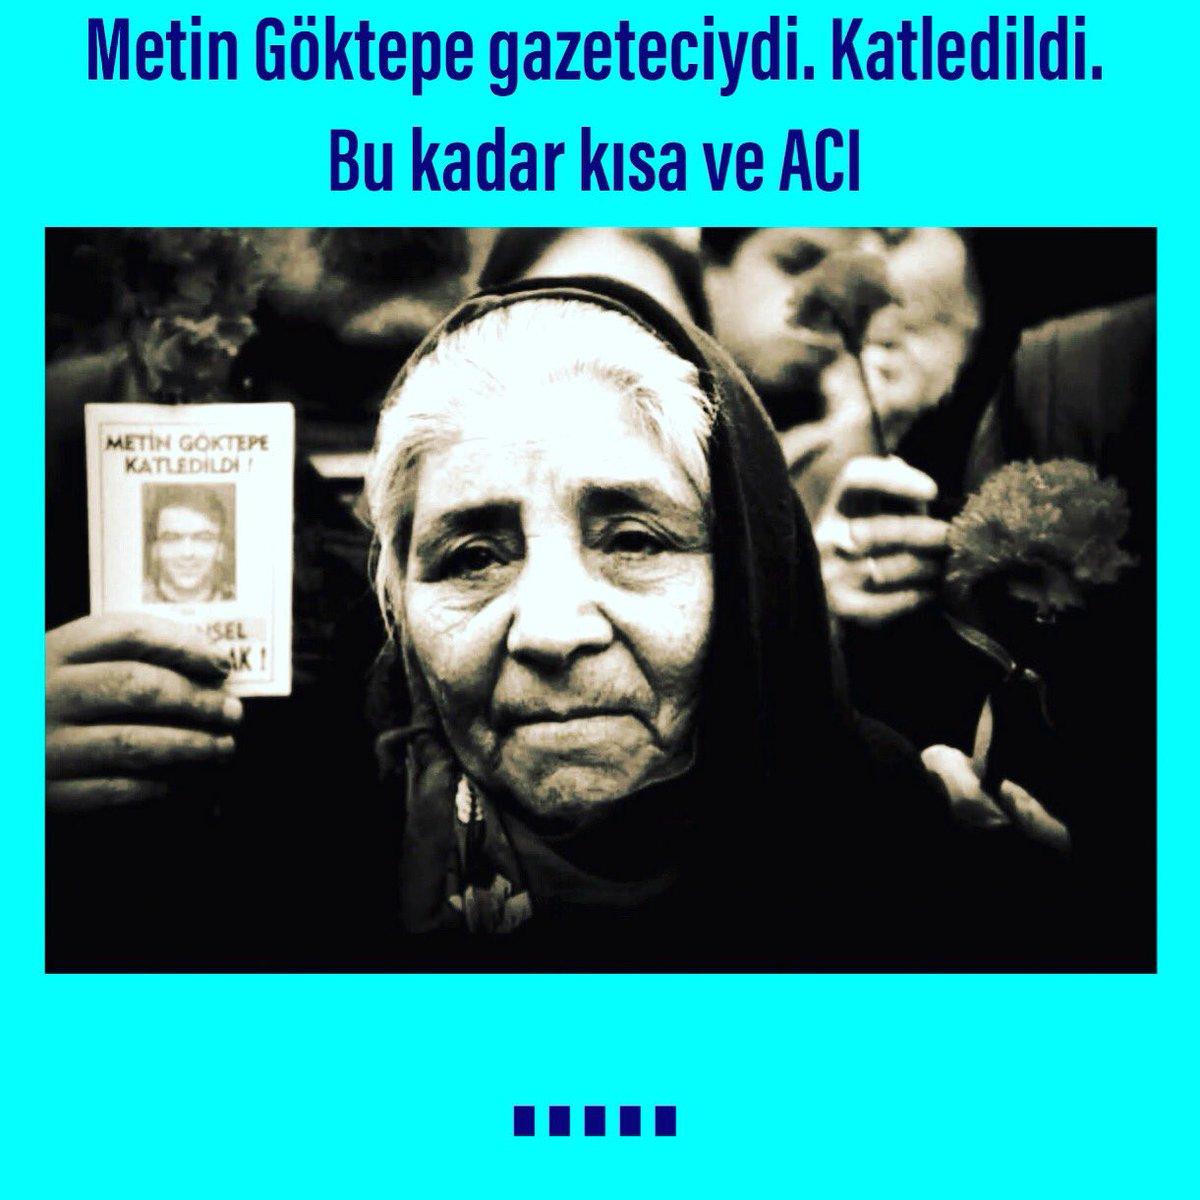 Metin Göktepe gazeteciydi. Katledildi. Bu kadar kısa ve ACI https://t.co/cYbkBZZcmy